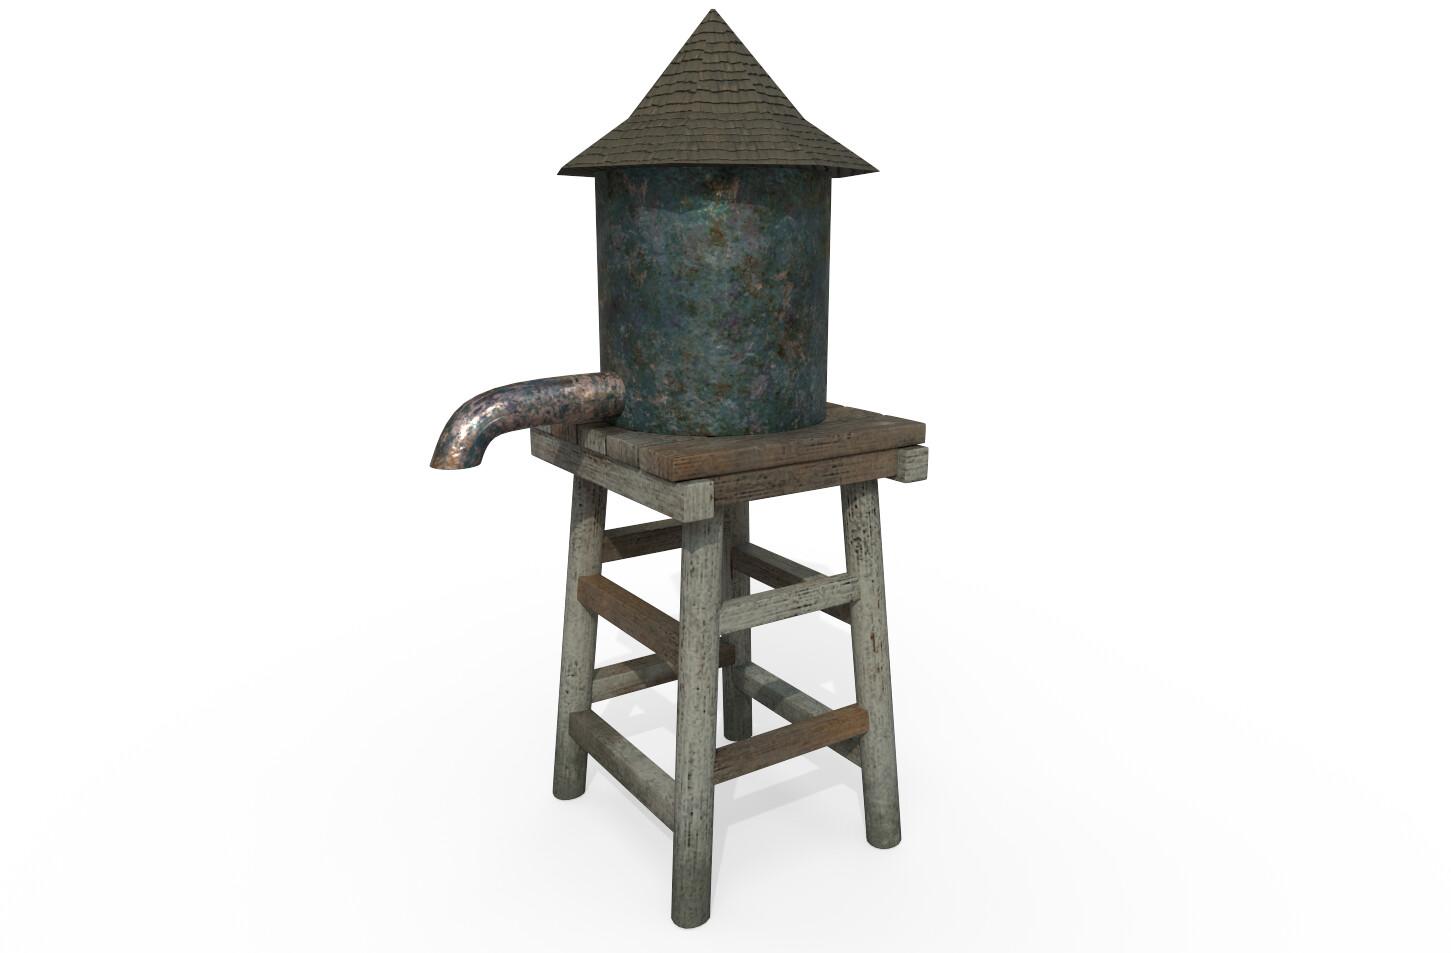 Joseph moniz watertower001f